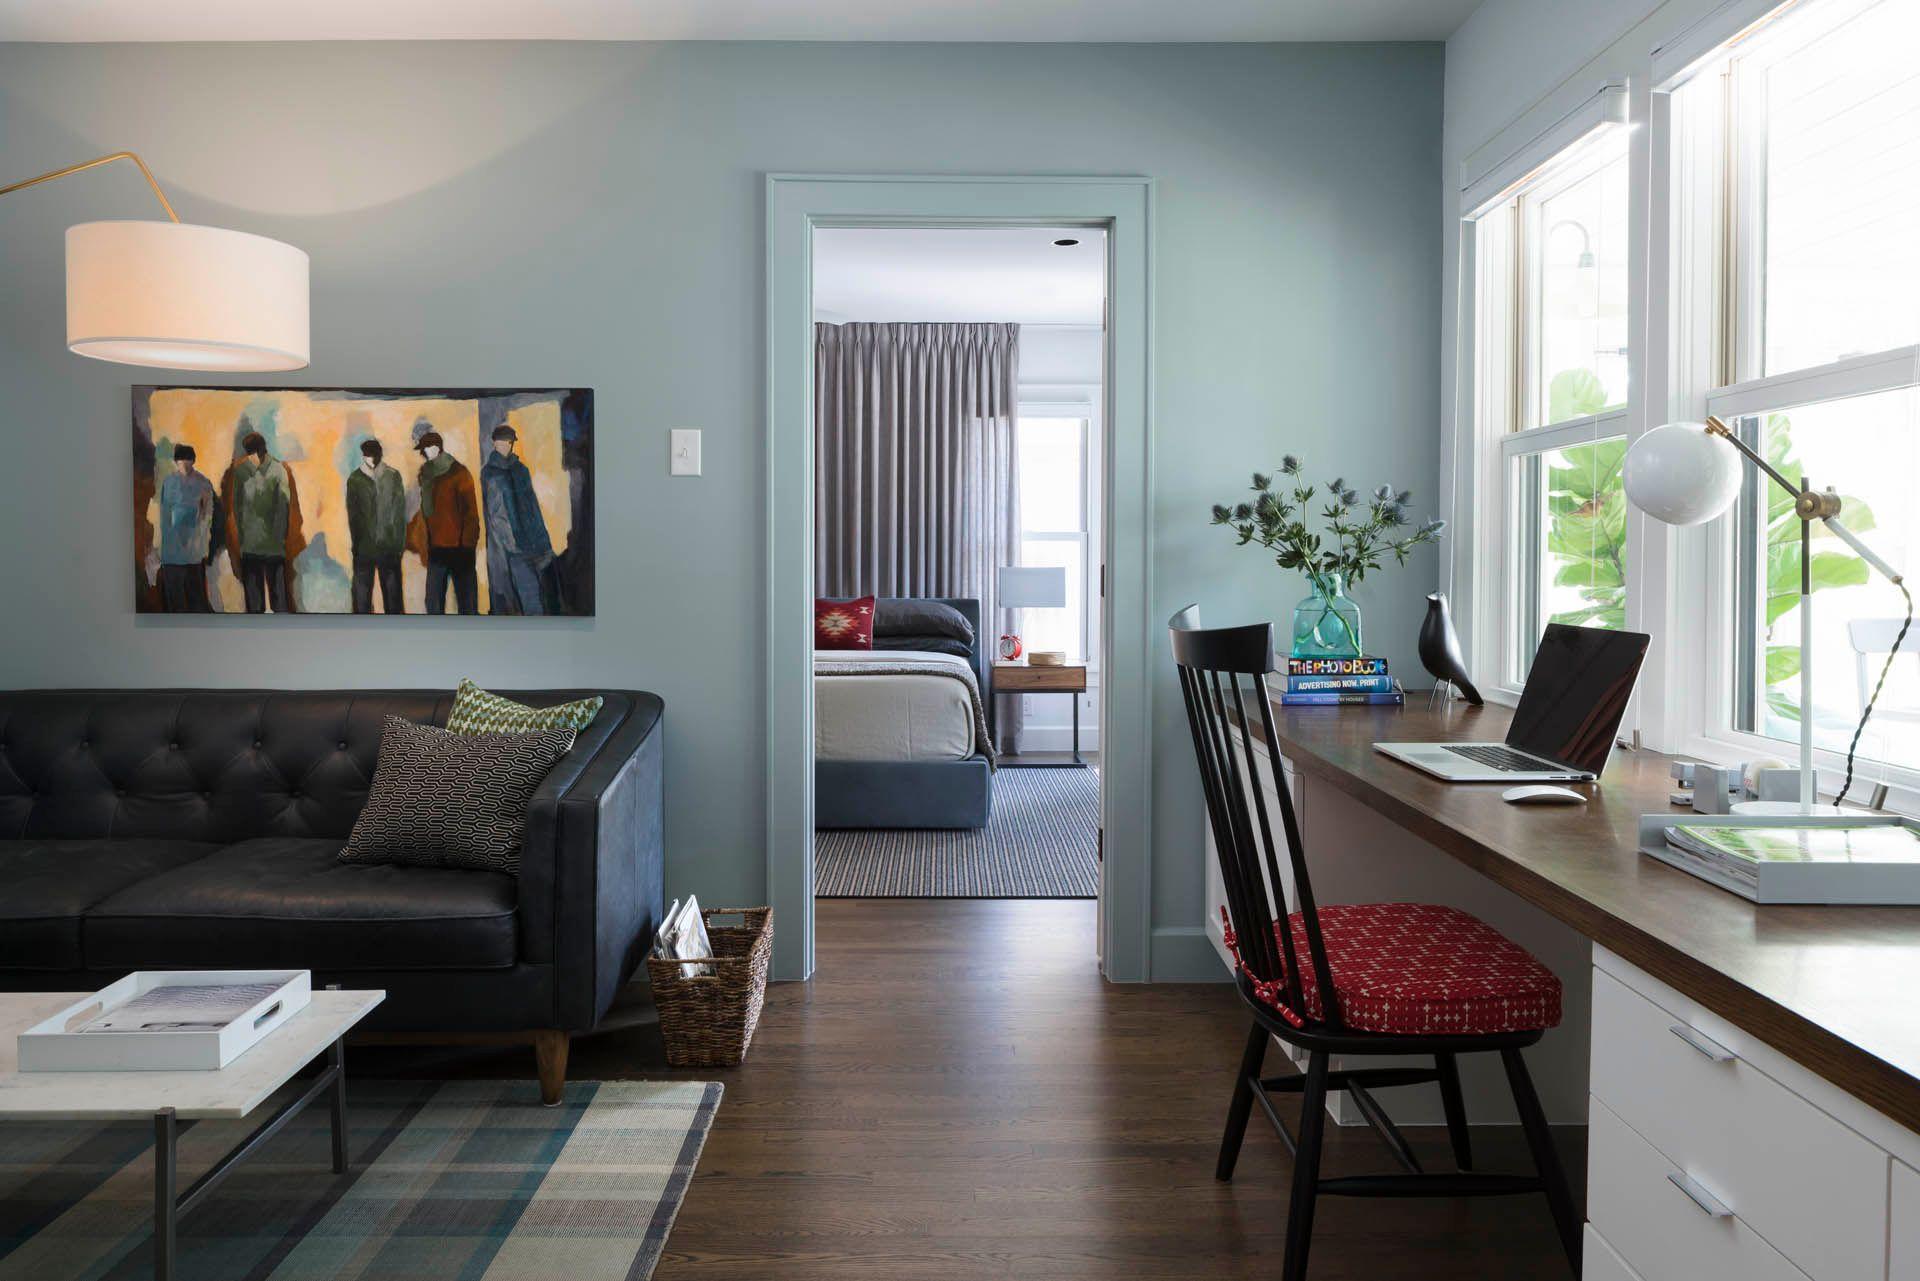 Bright Modern Interior Design in Austin, Texas